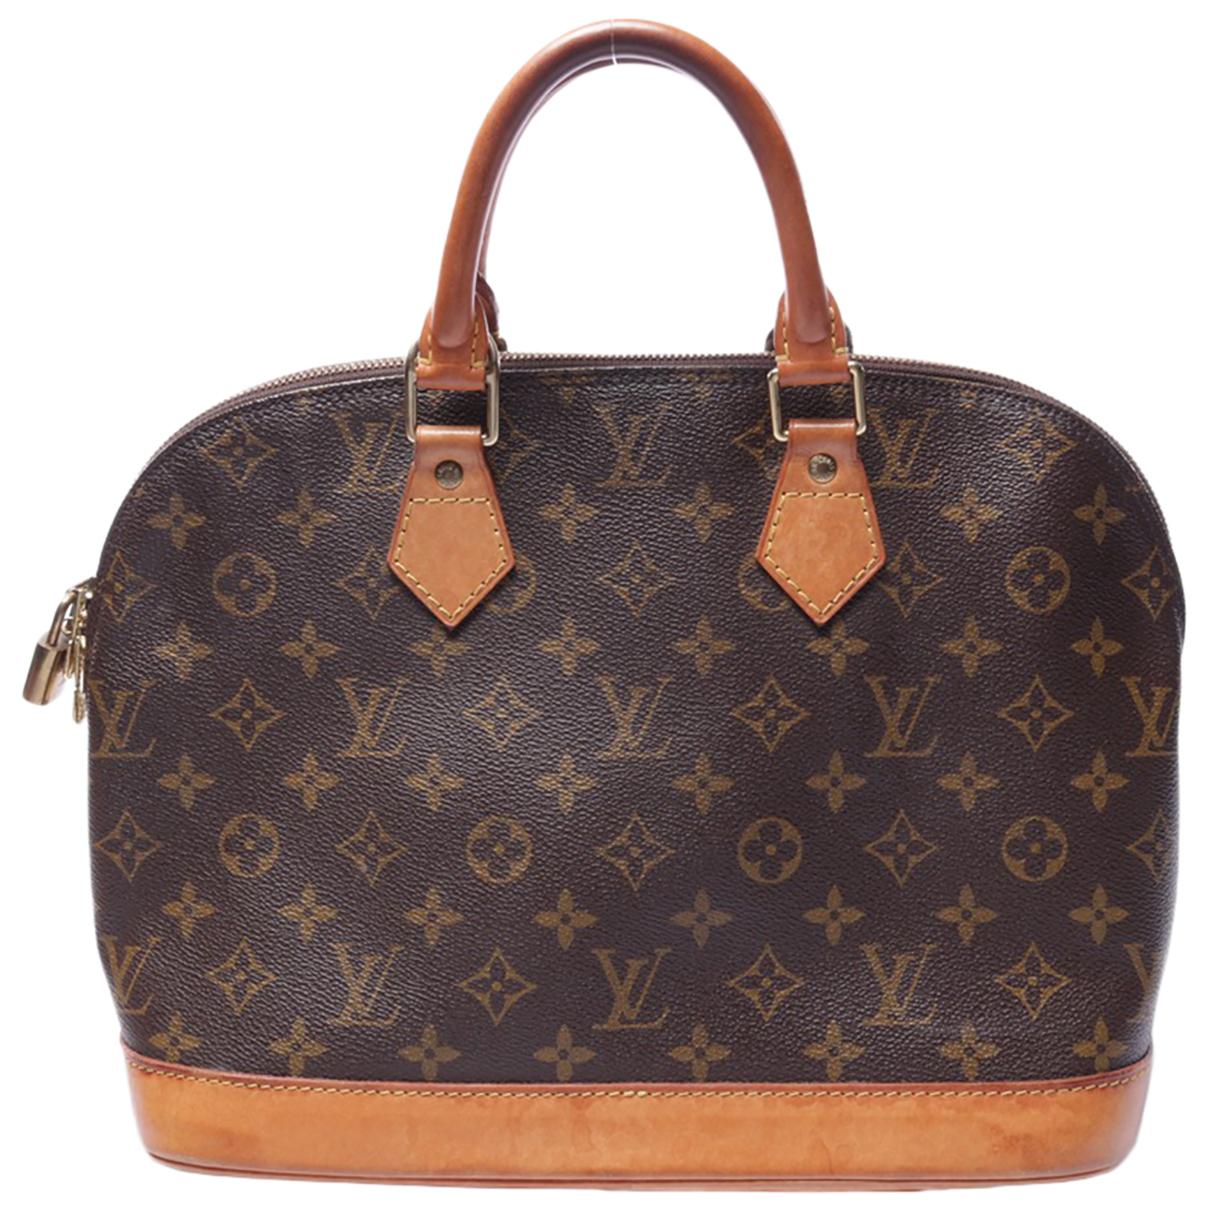 Louis Vuitton N Brown Cotton handbag for Women N